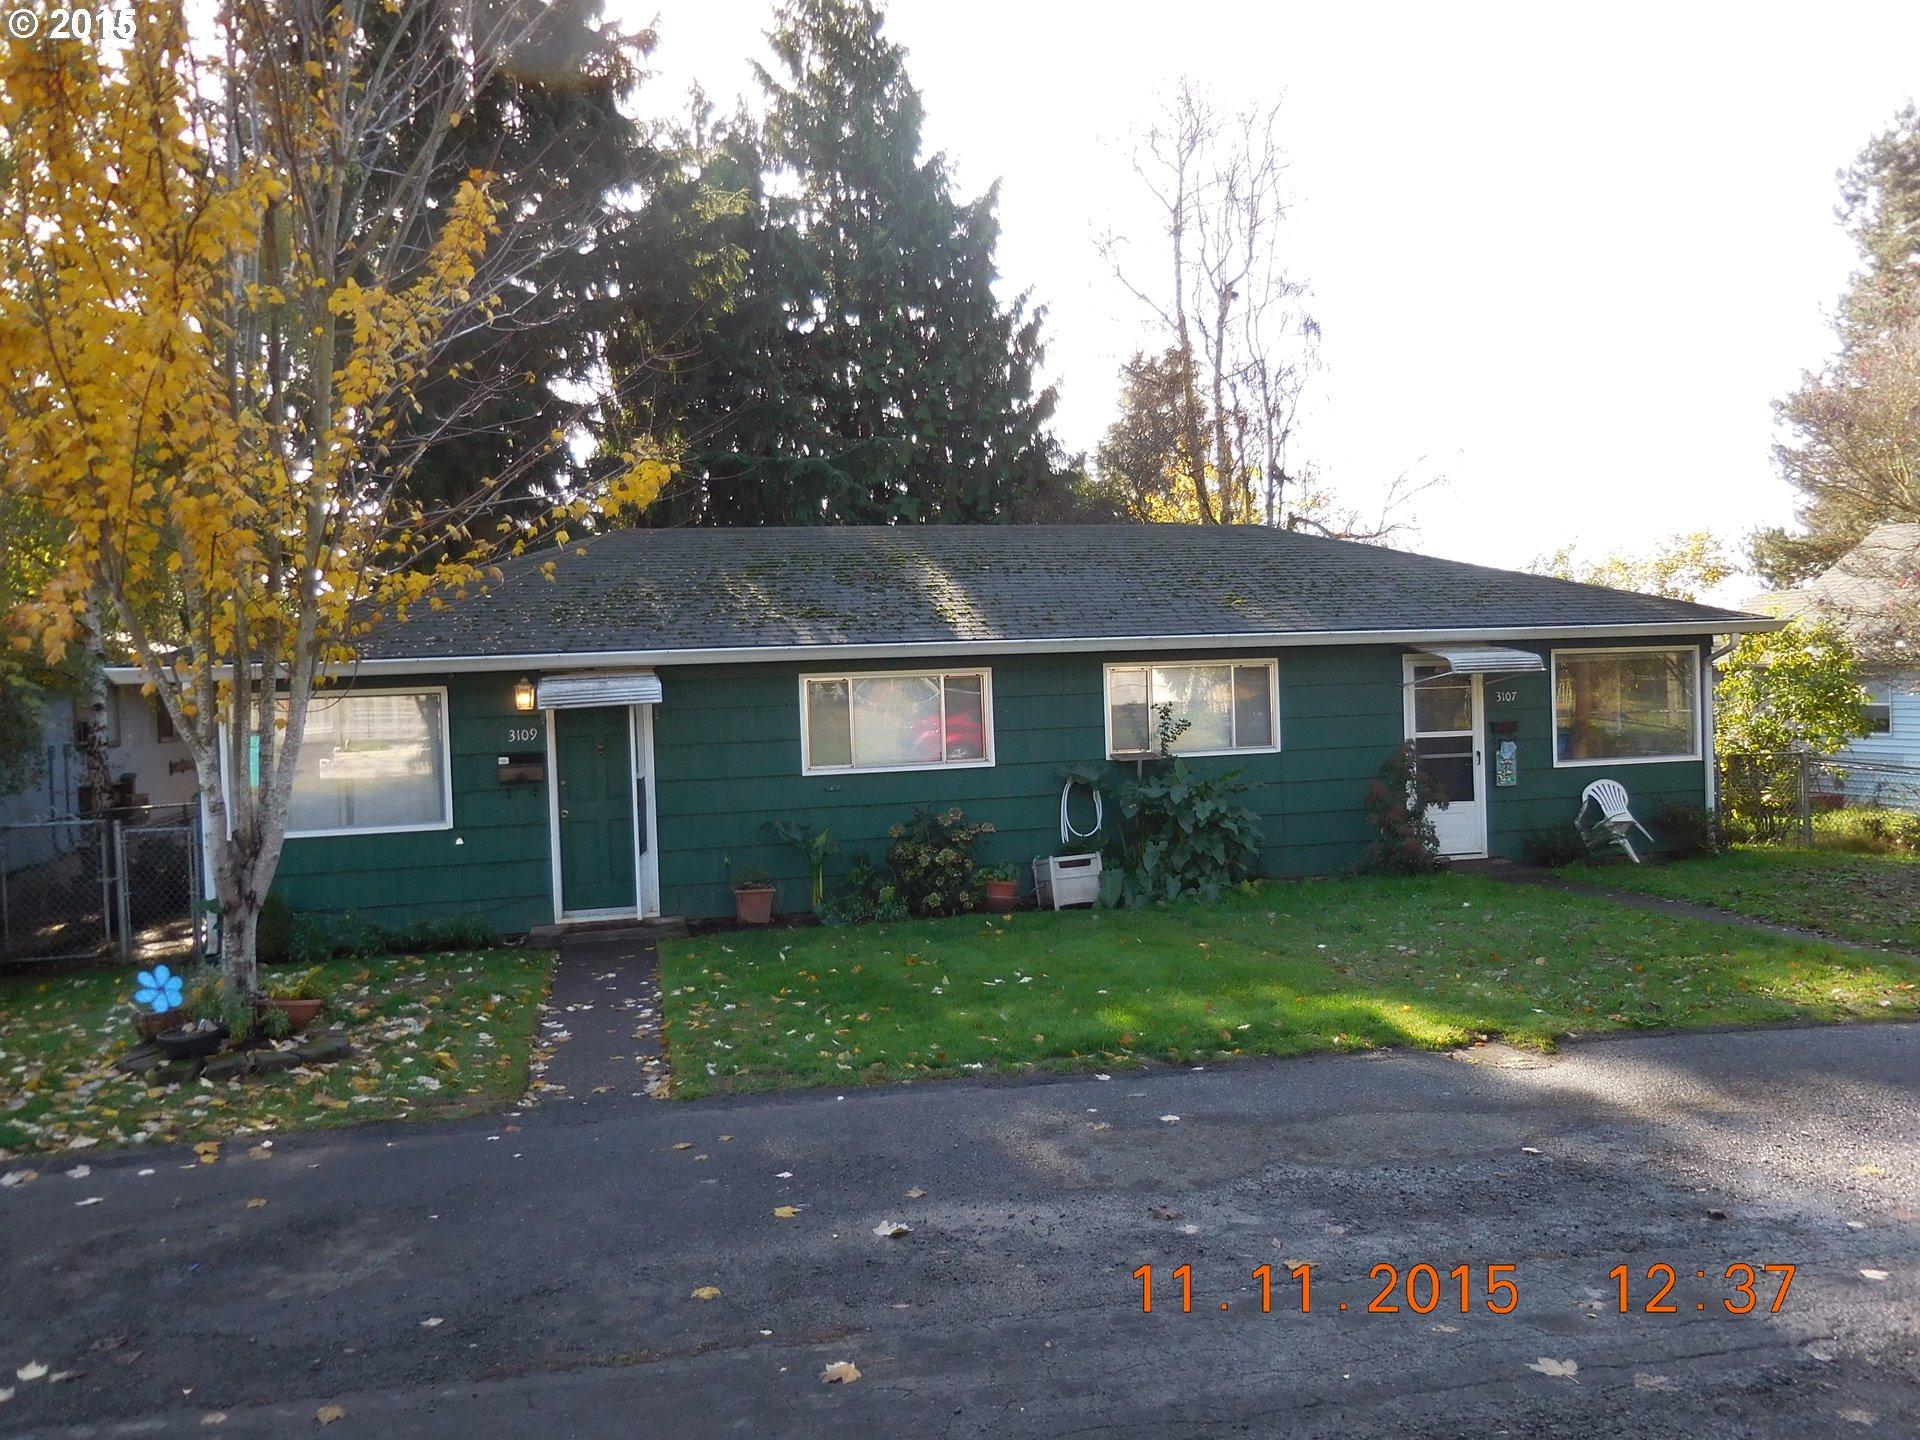 3107 E 11TH ST, Vancouver, WA 98661